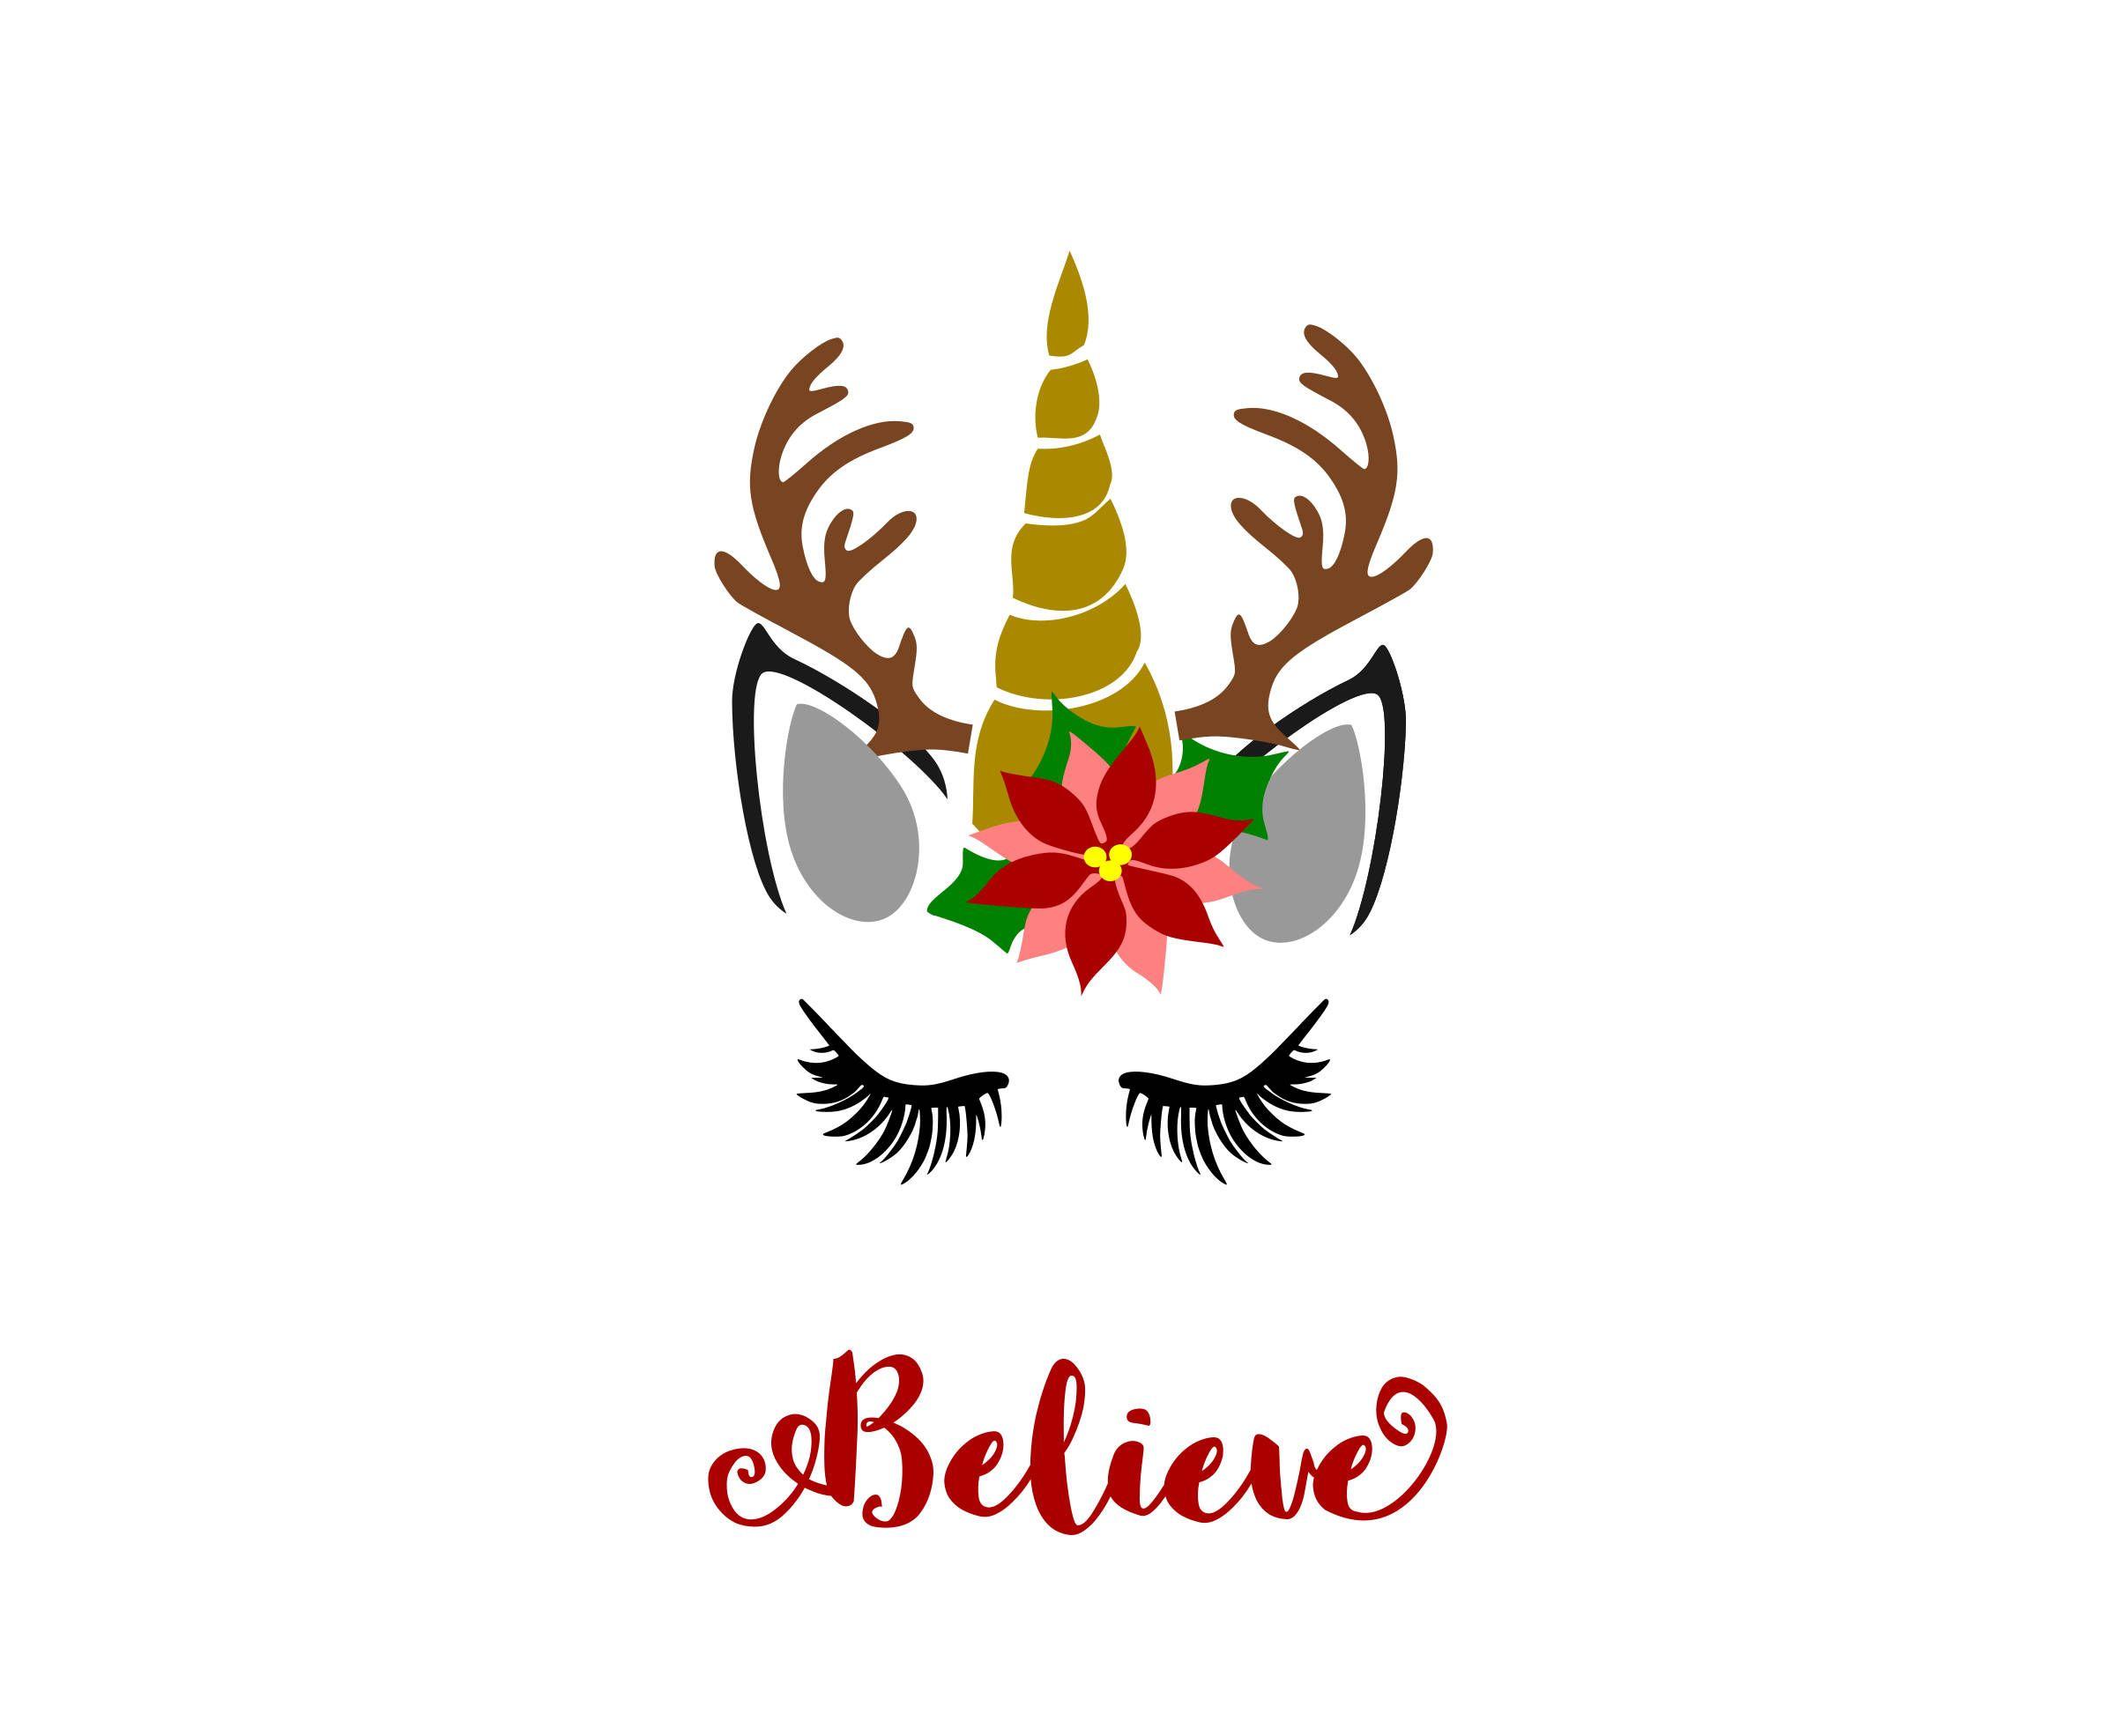 Unicorn Reindeer Svg Reindeer Svg Christmas Unicorn Svg Etsy In 2020 Christmas Unicorn Unicorn Svg Christmas Svg